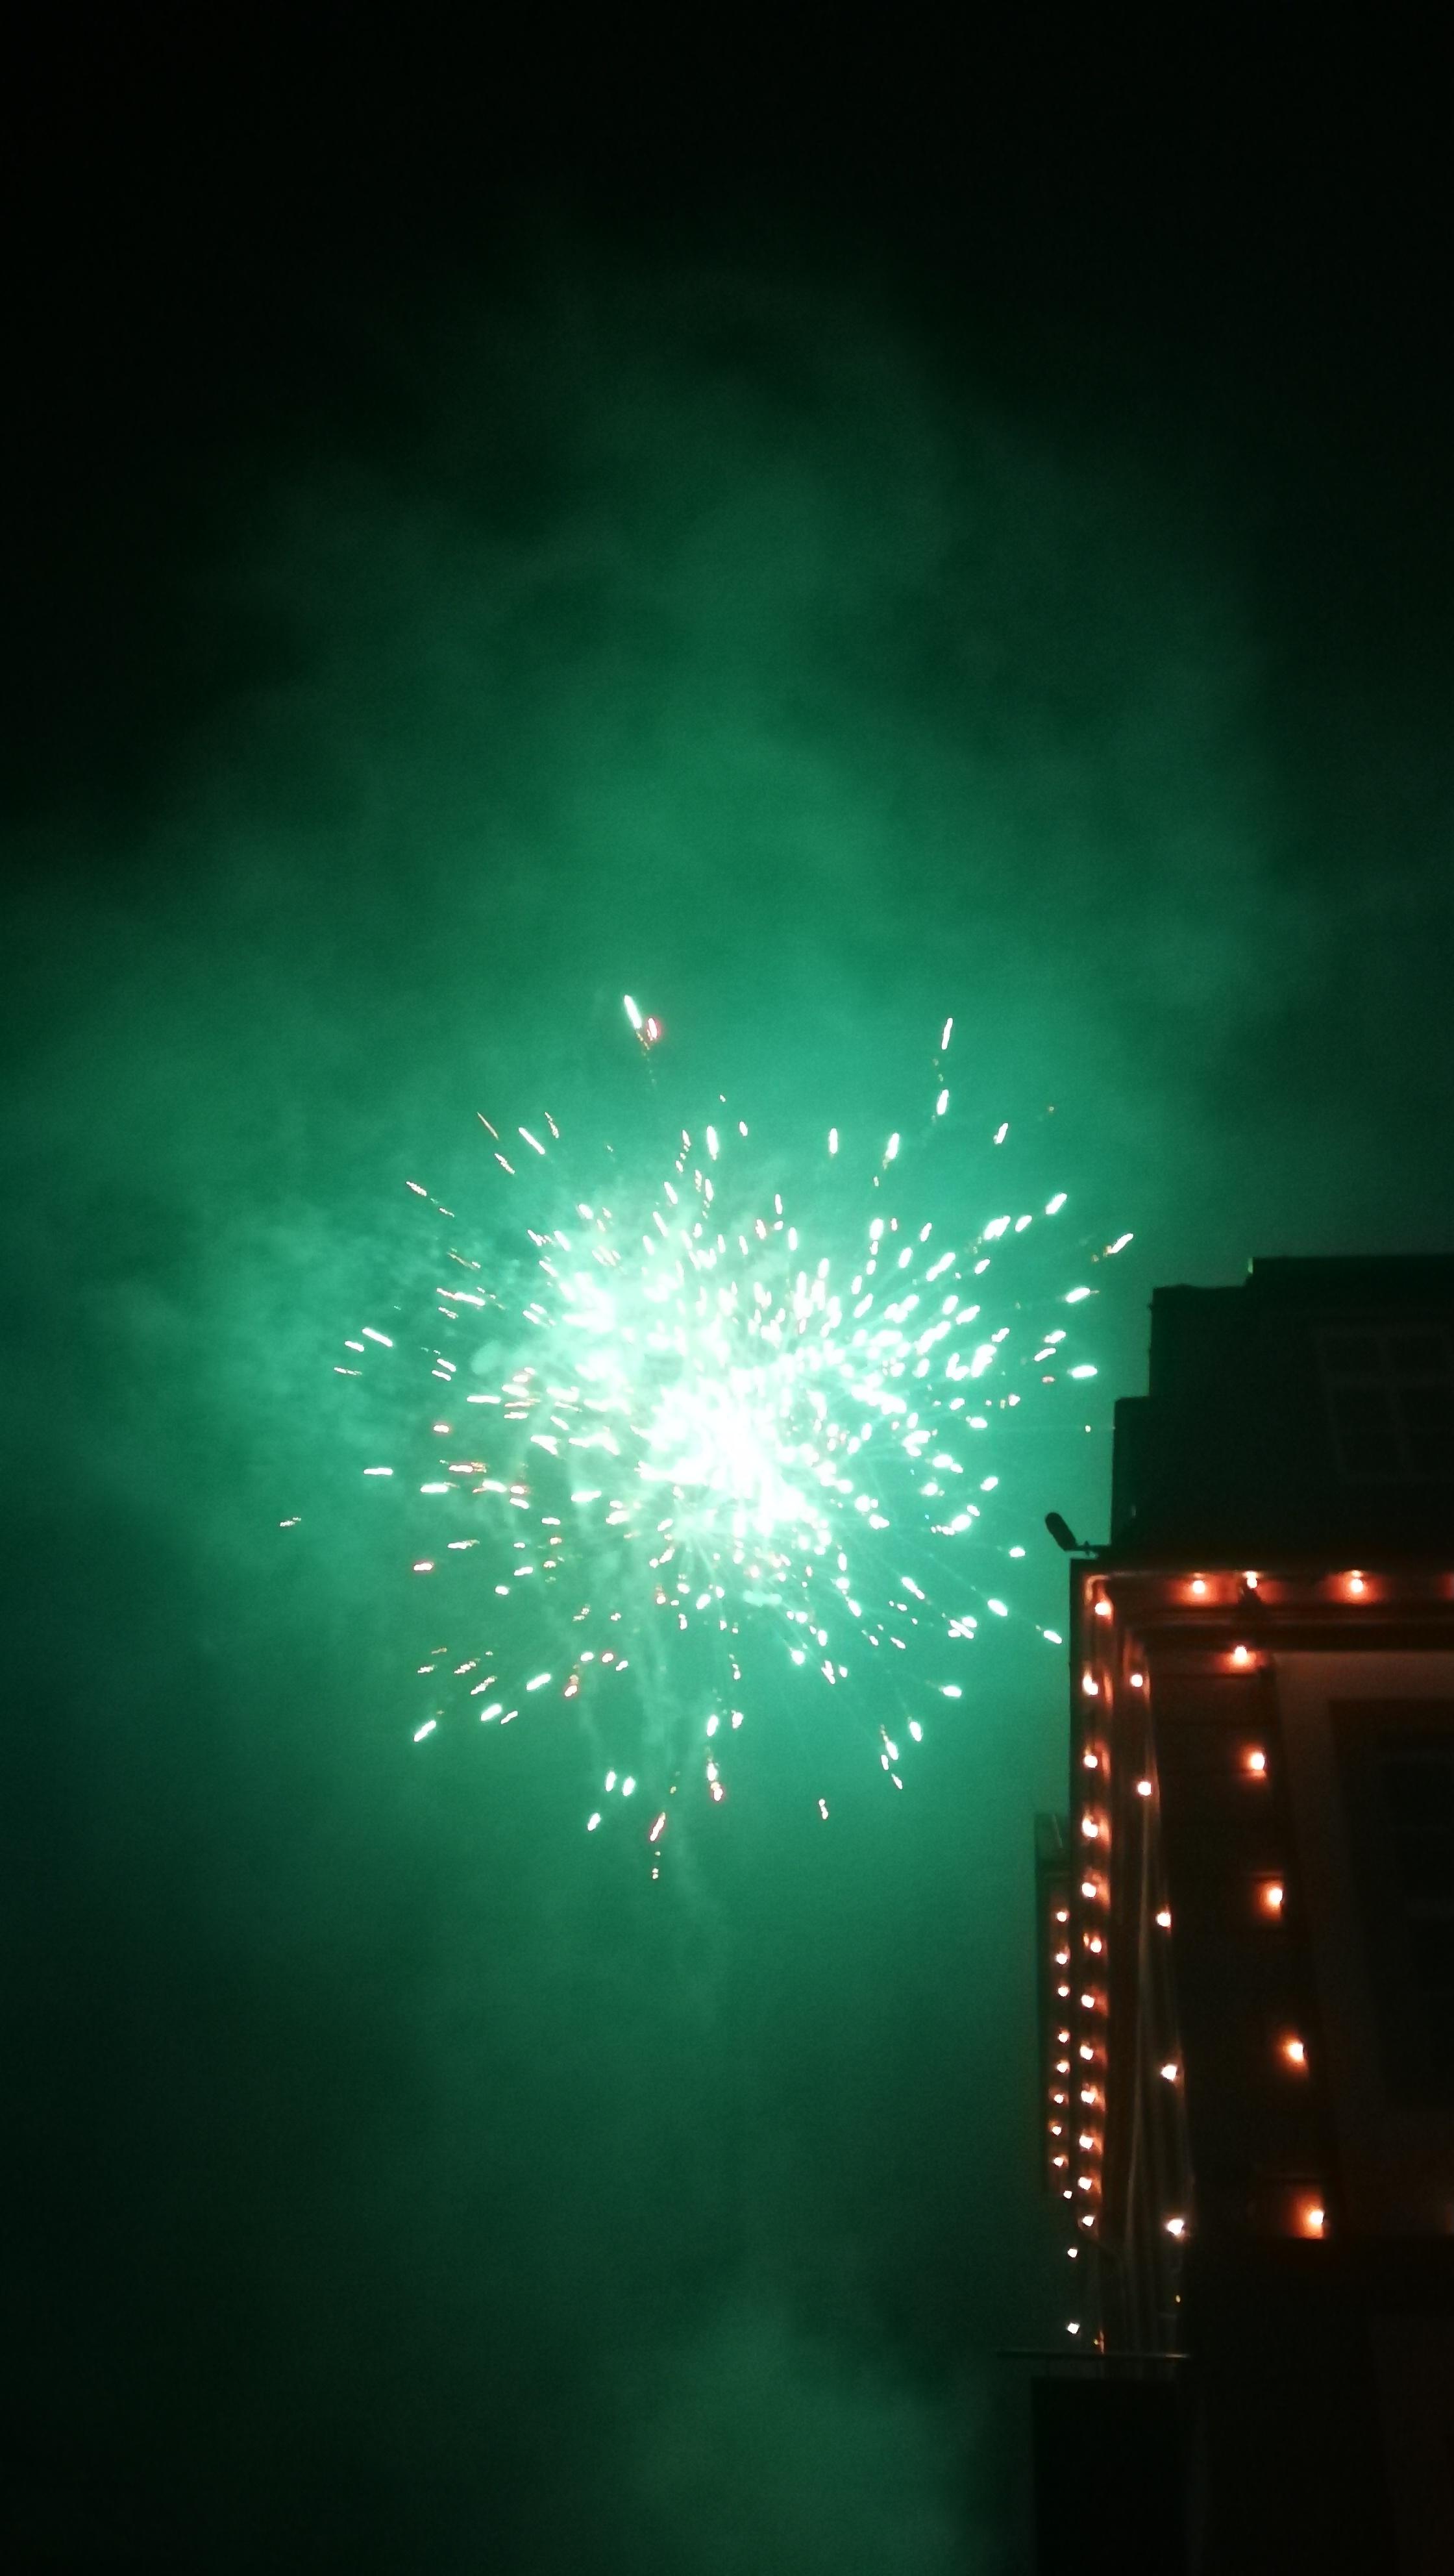 Die universal-Redaktion wünscht Allen ein Frohes Neues Jahr! Foto:msc